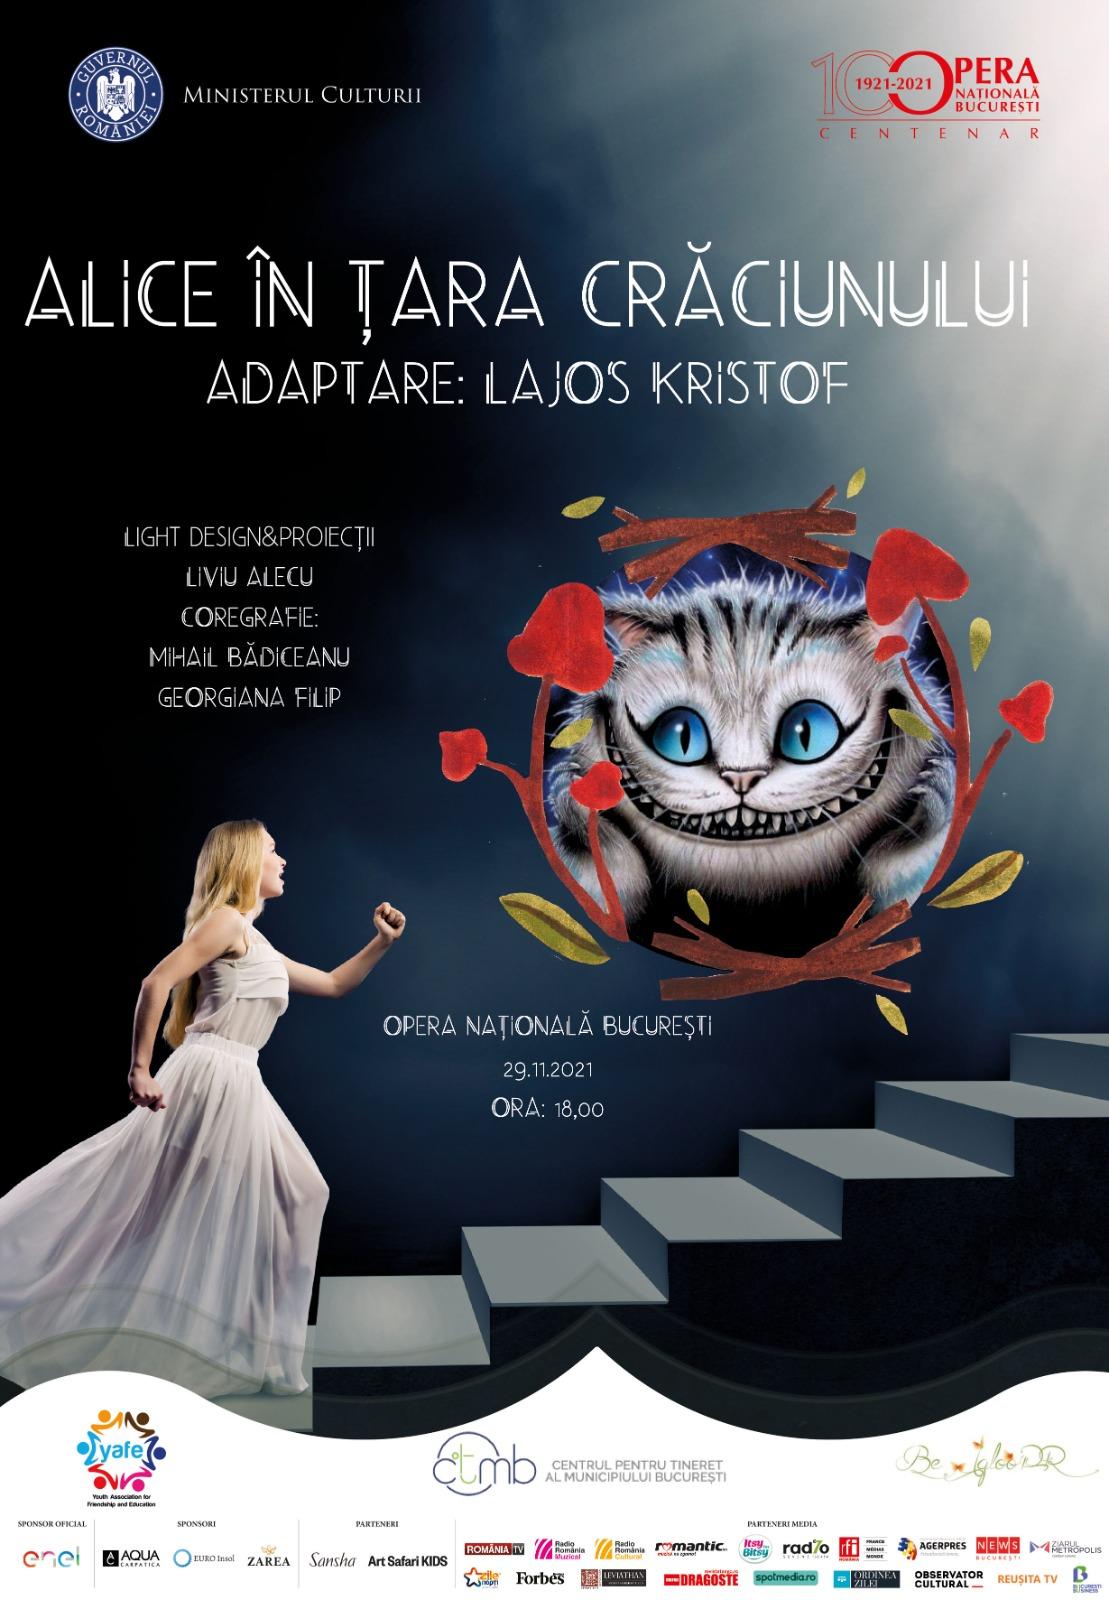 Alice in Tara Craciunului